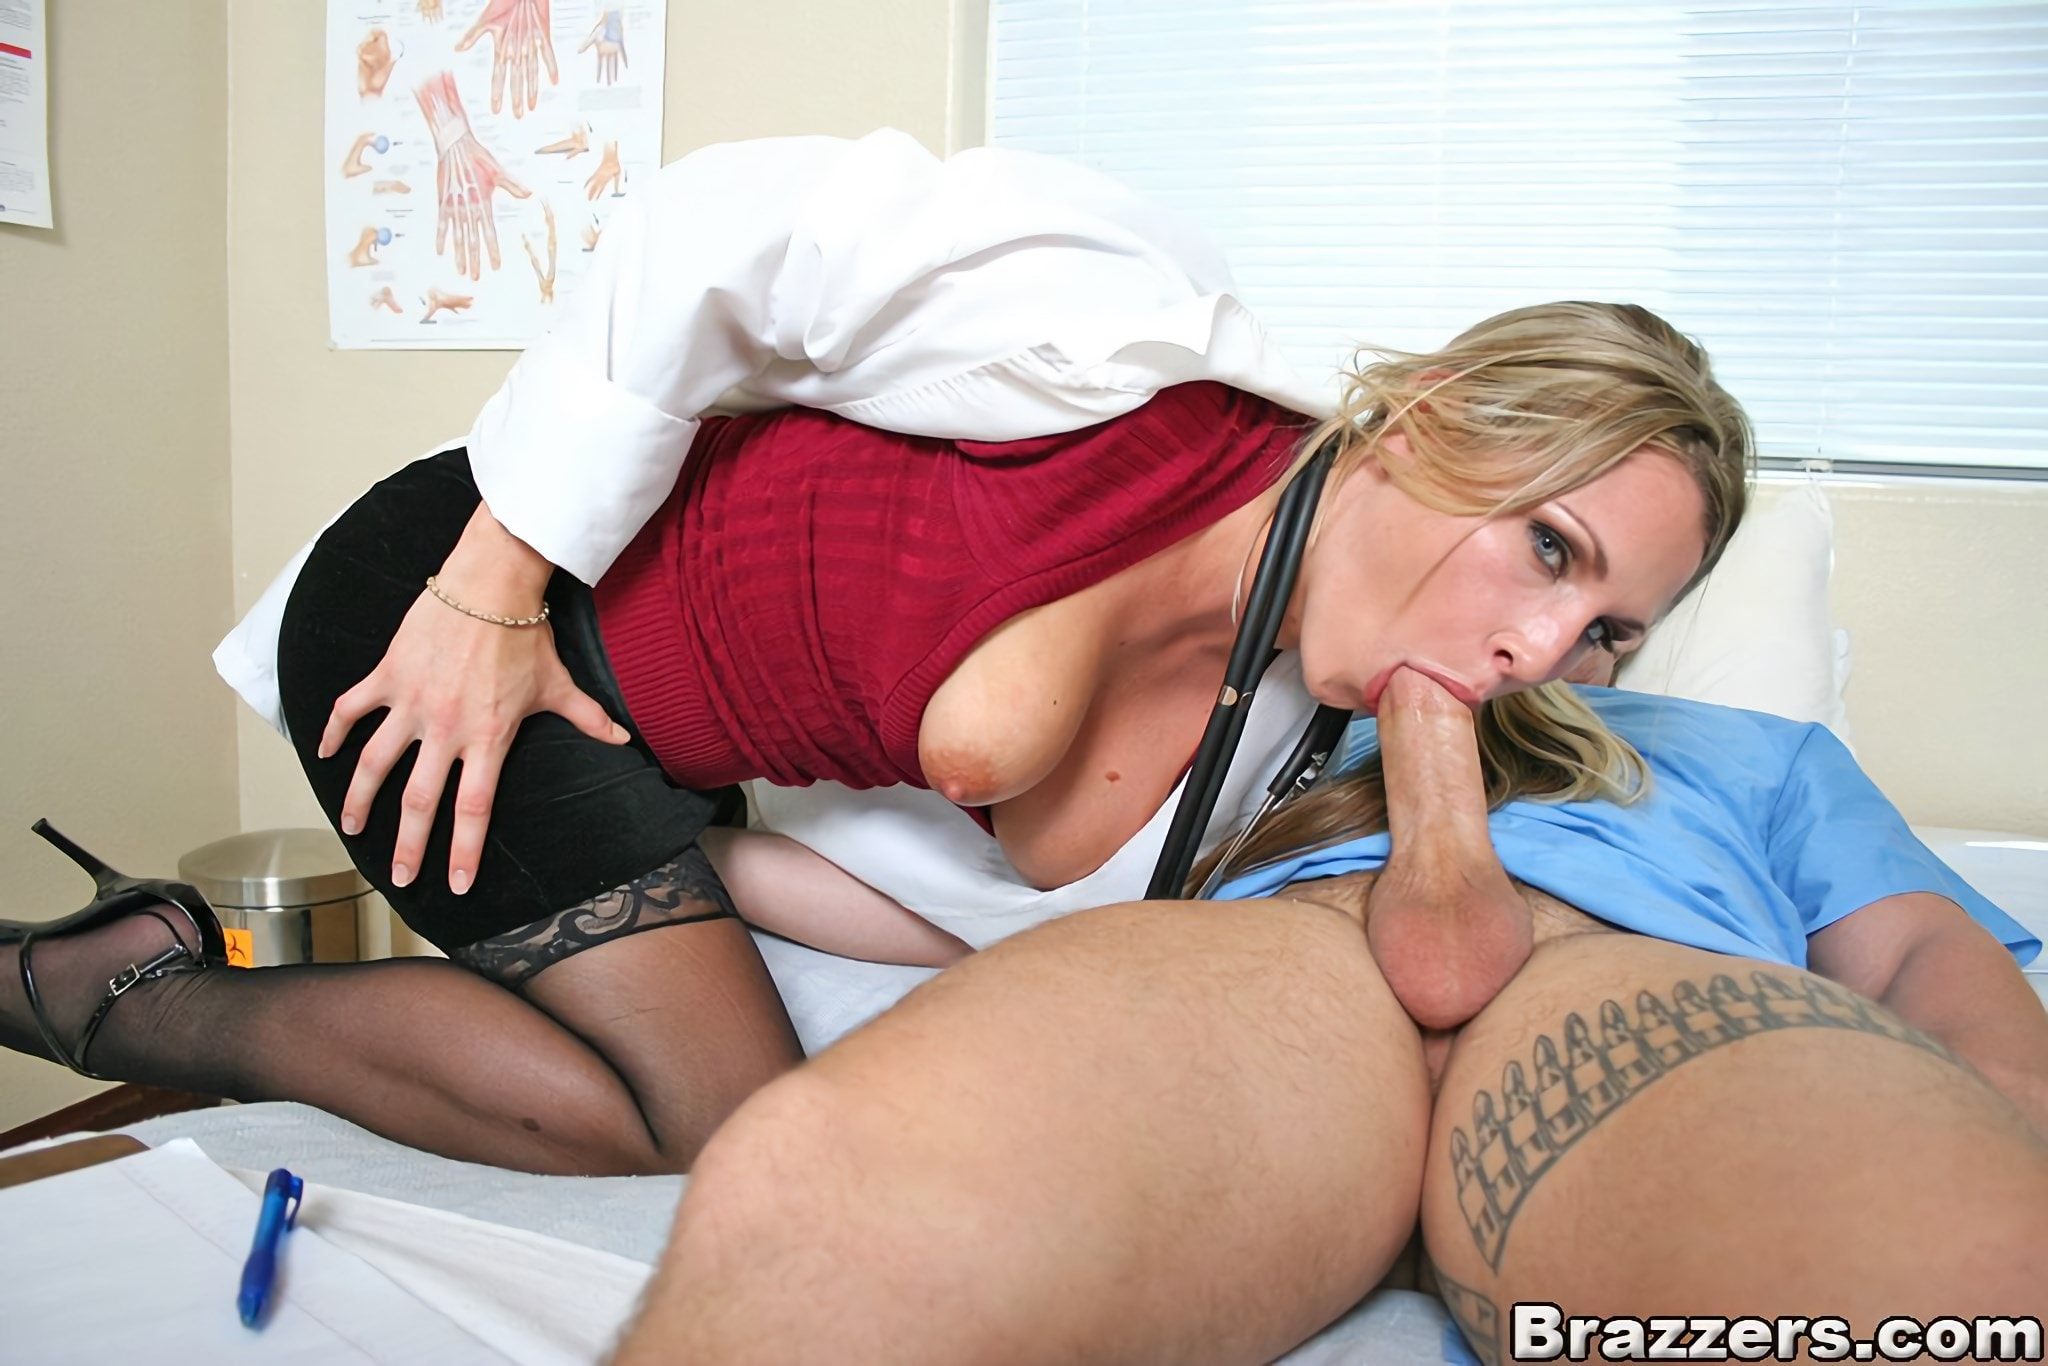 Порно медсестры смотреть фото бесплатно